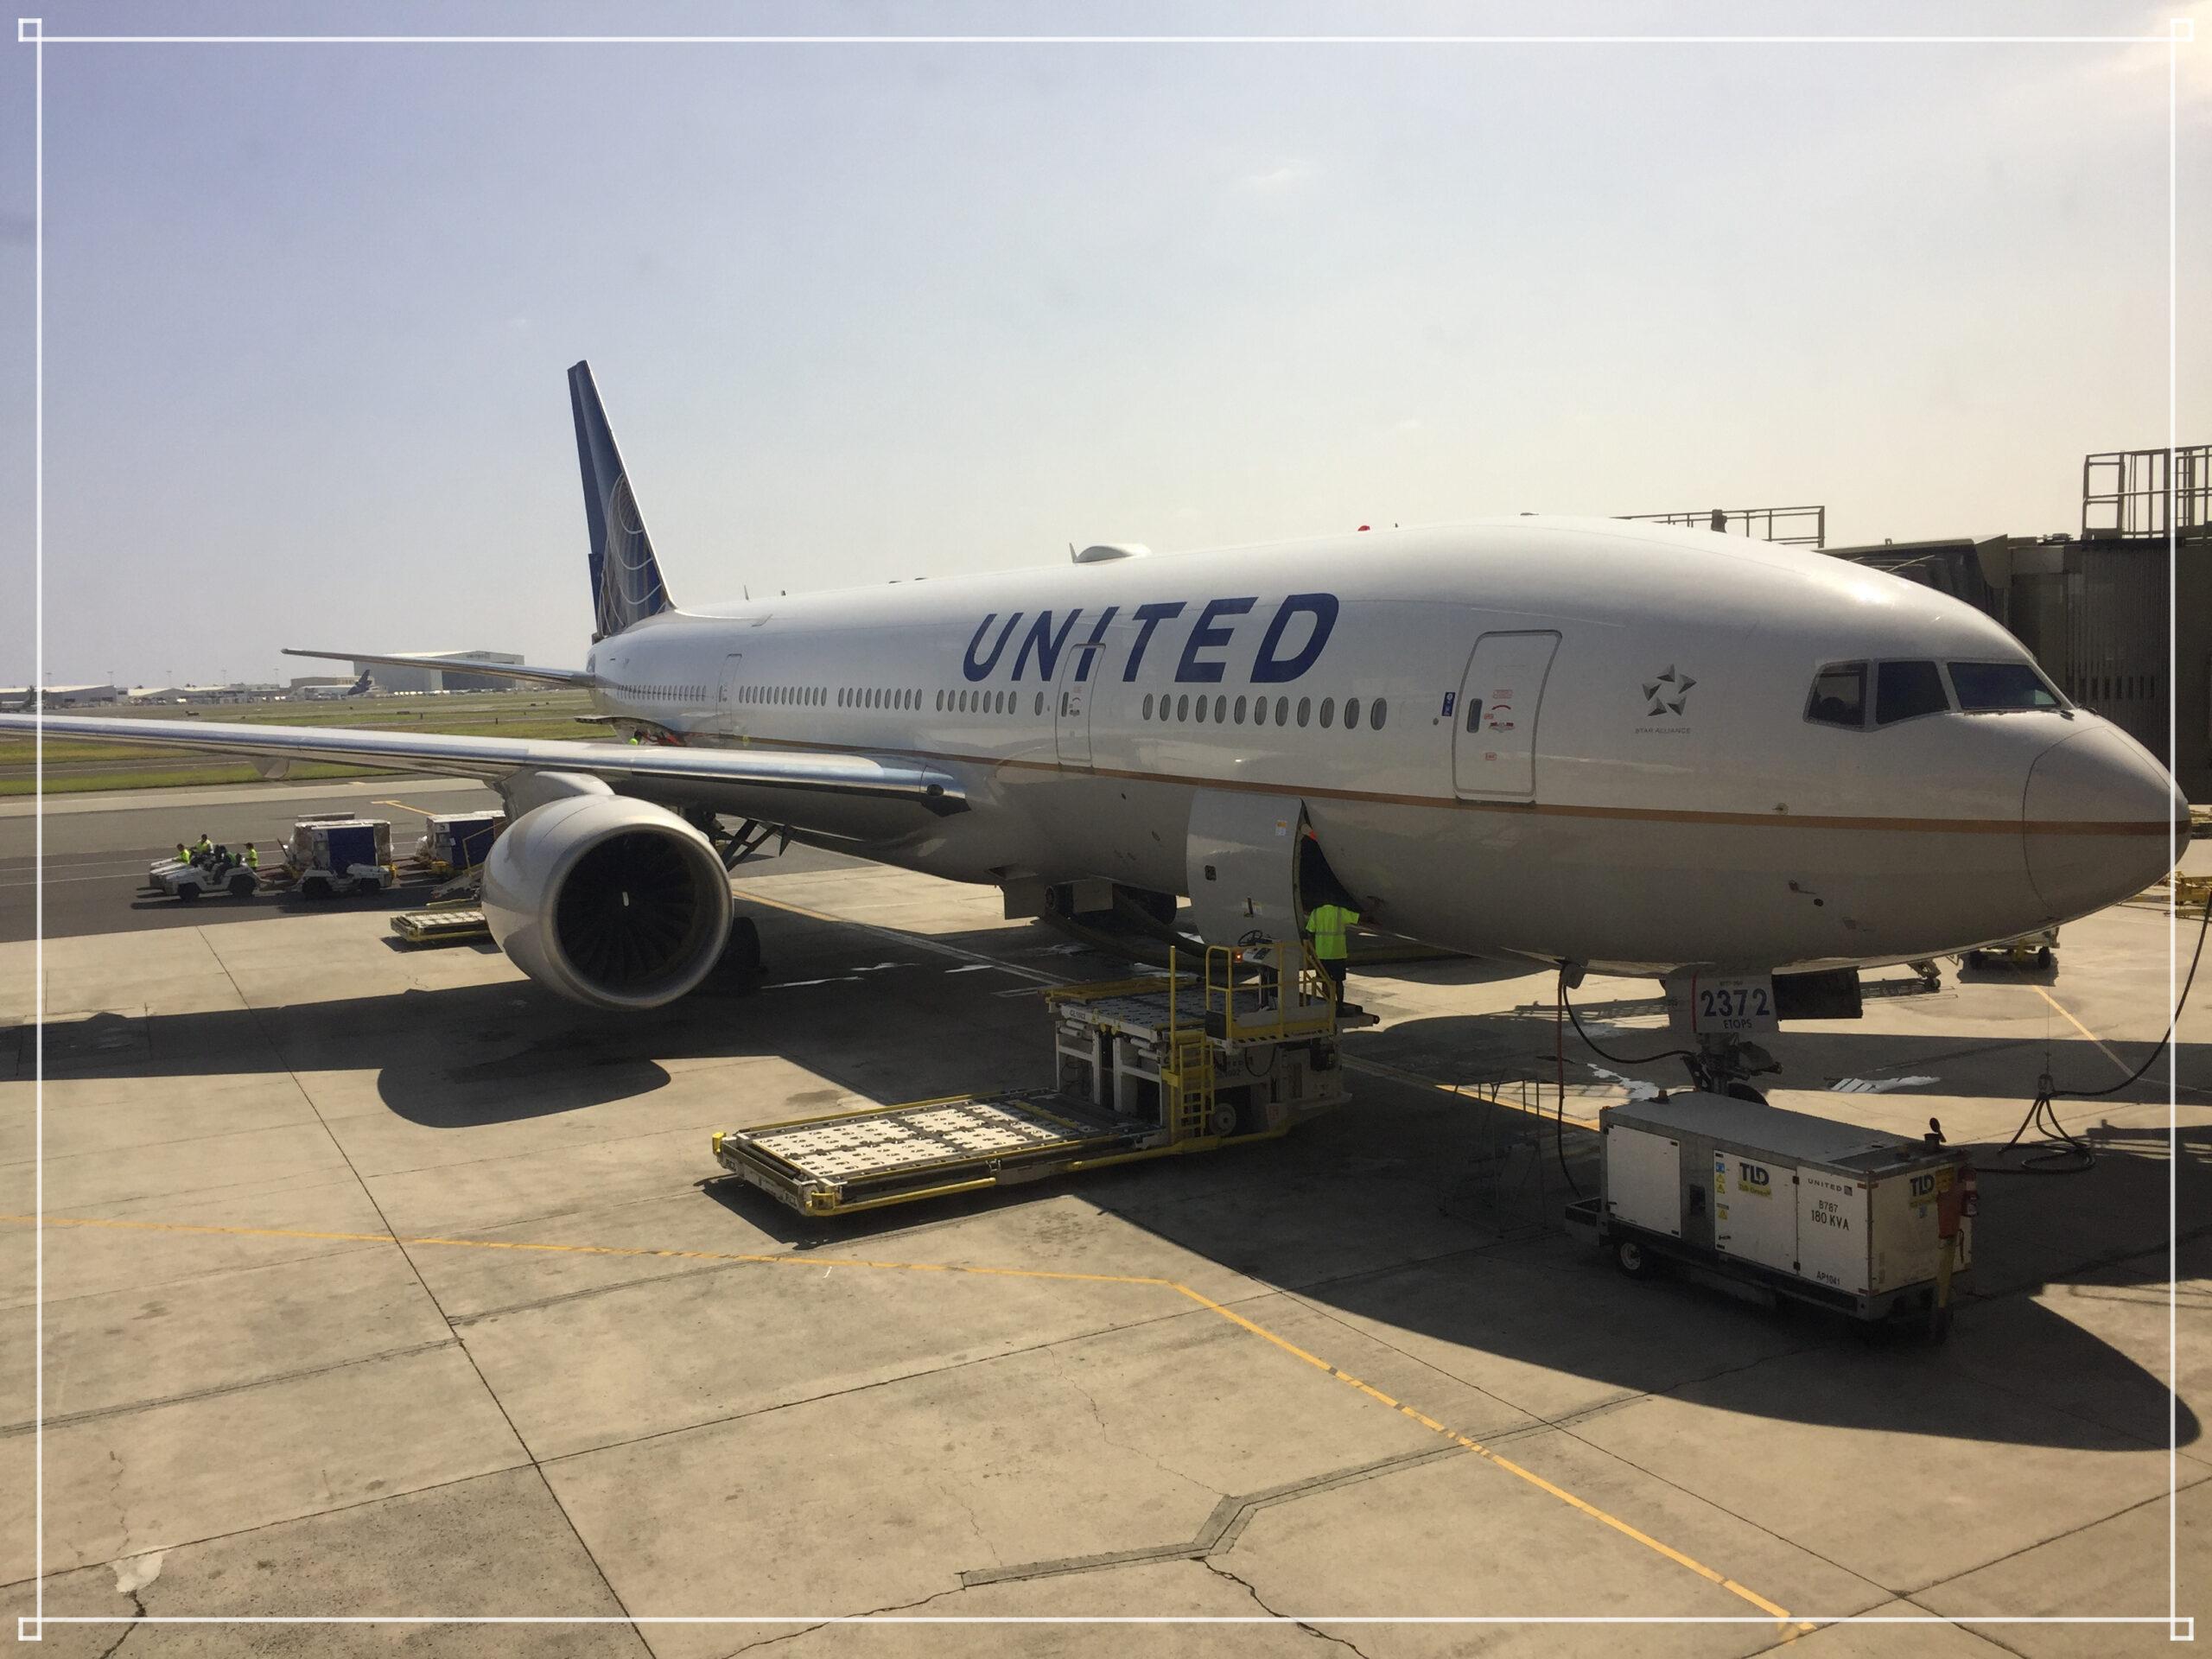 【B777機】一部機体の「運行停止」を指示 エンジン故障の原因究明と安全確保